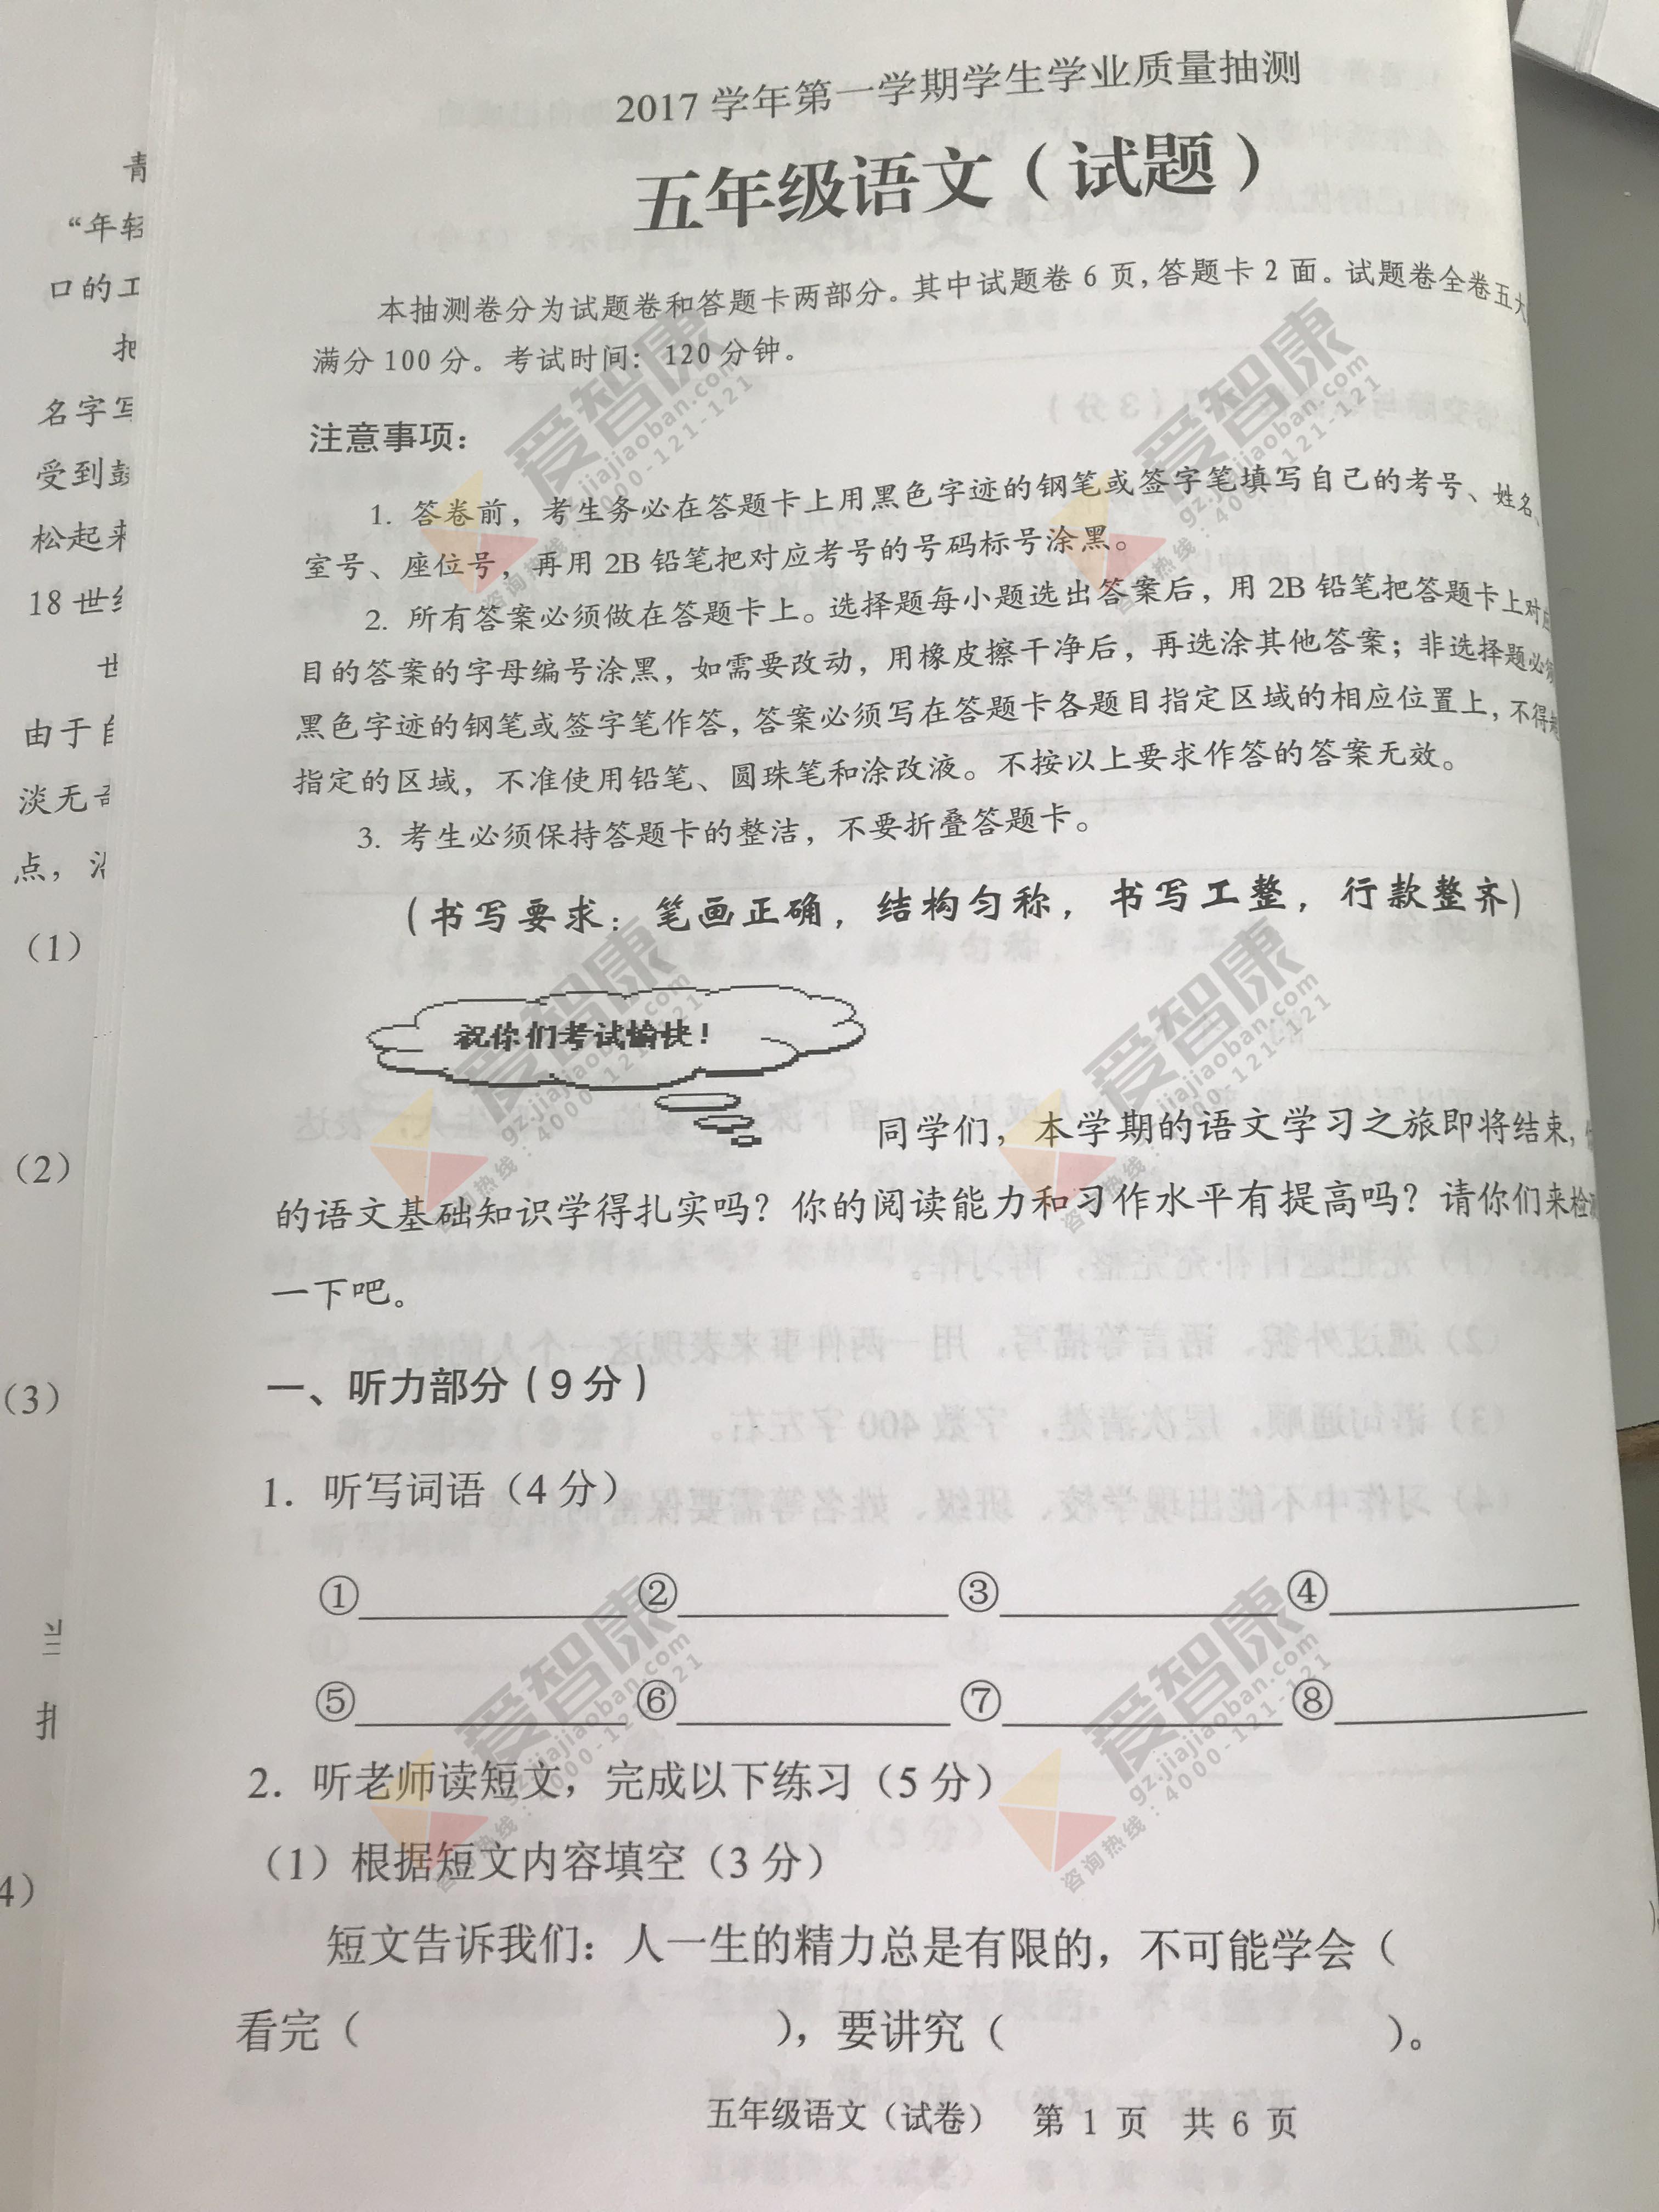 2017-2018学年广州白云区五年级上学期期末语文试卷及答案解析